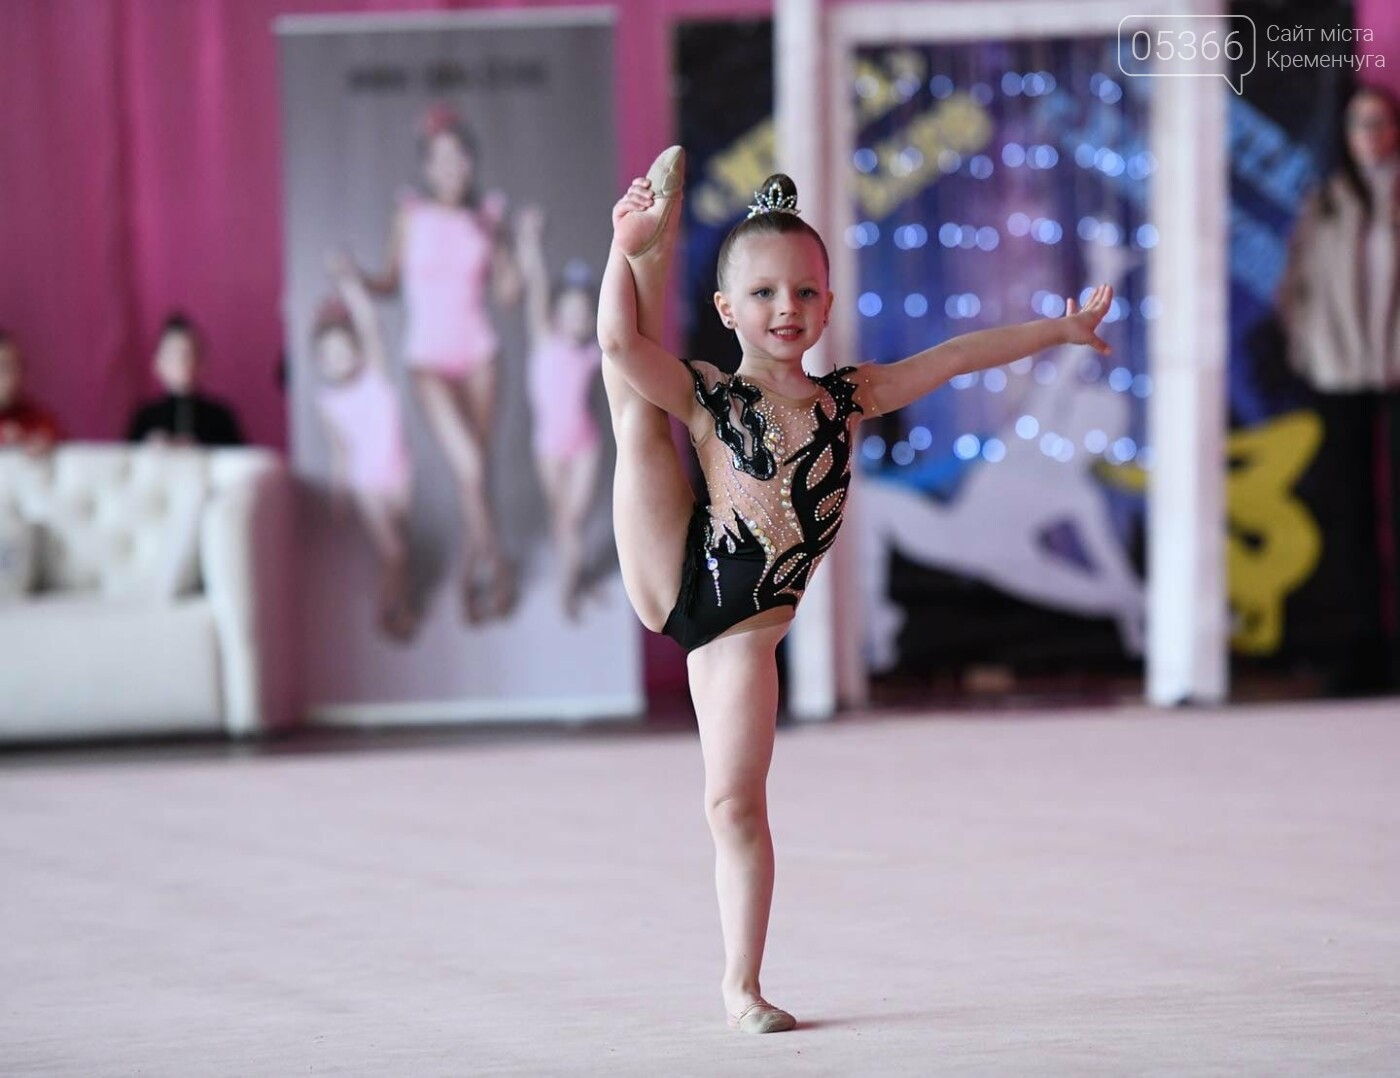 Юна гімнастка, що представляла Кременчук, стала чемпіонкою, фото-4